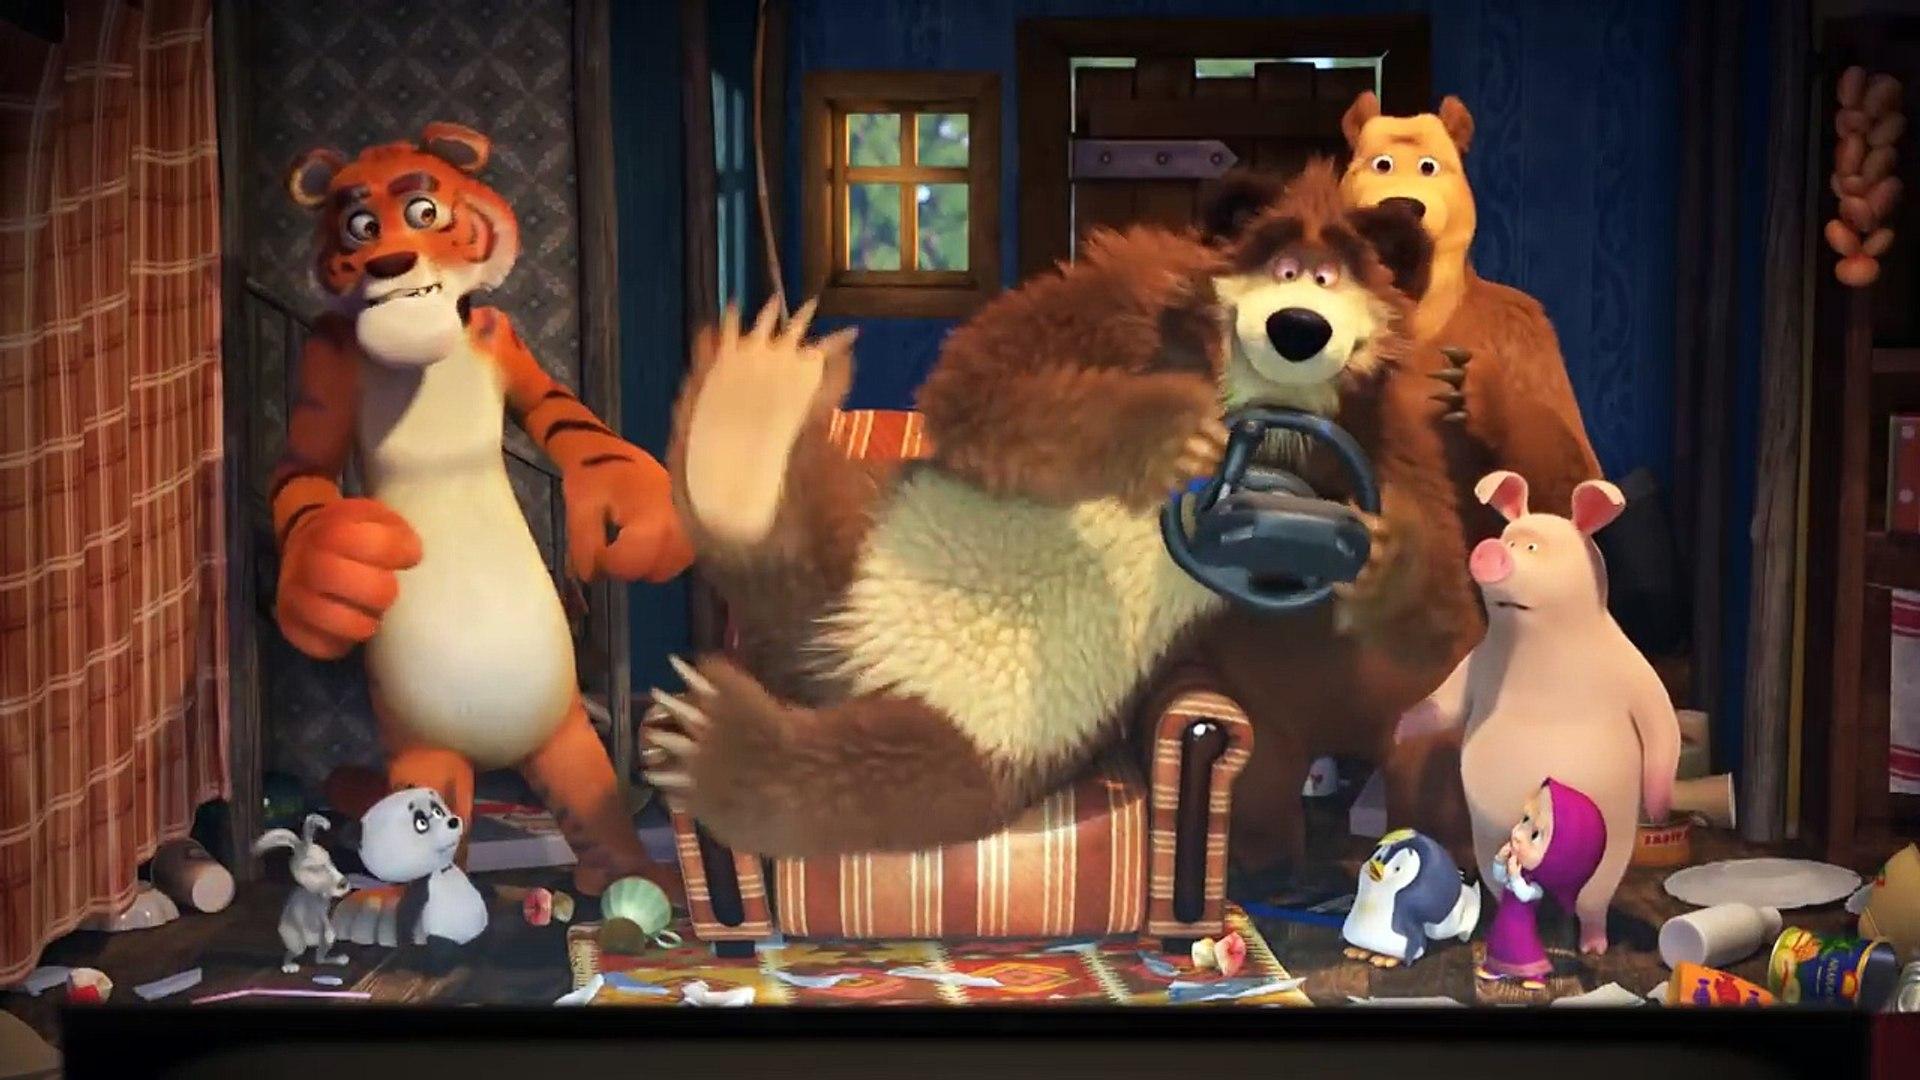 Маша и Медведь - Game Over (Друзья спешат на помощь)-dUlrlereR20